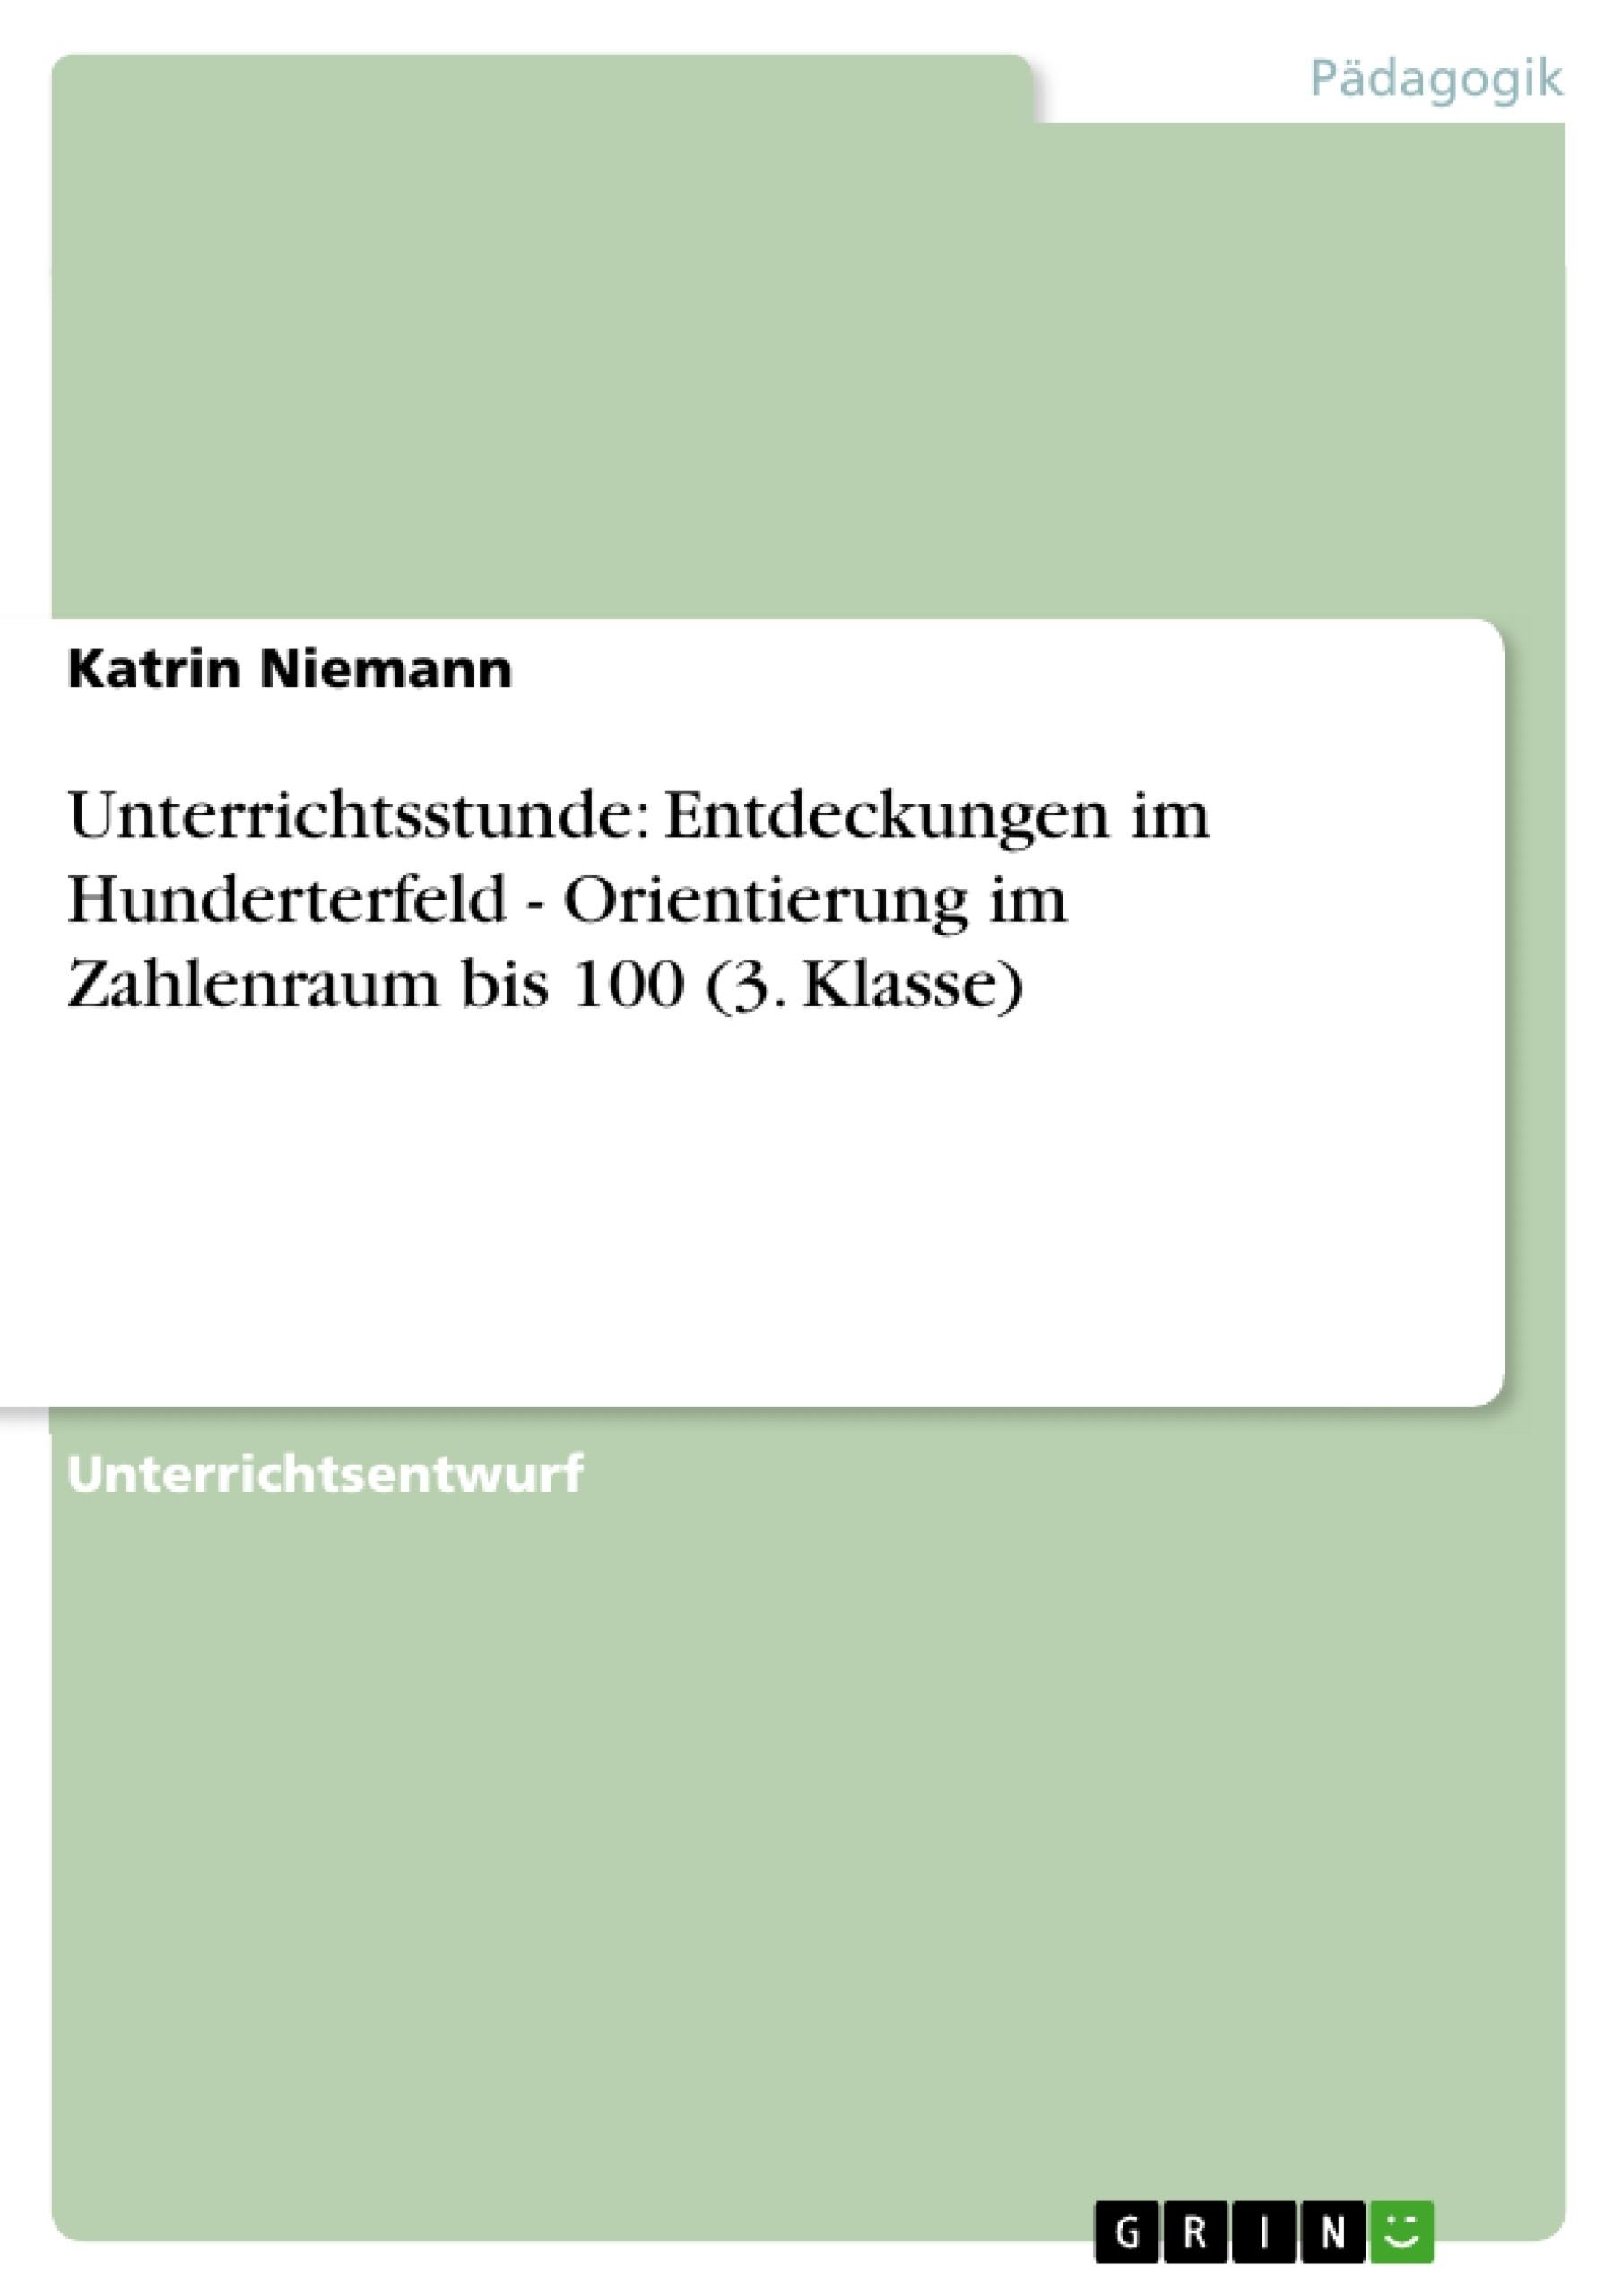 Titel: Unterrichtsstunde: Entdeckungen im Hunderterfeld  -  Orientierung im Zahlenraum bis 100 (3. Klasse)